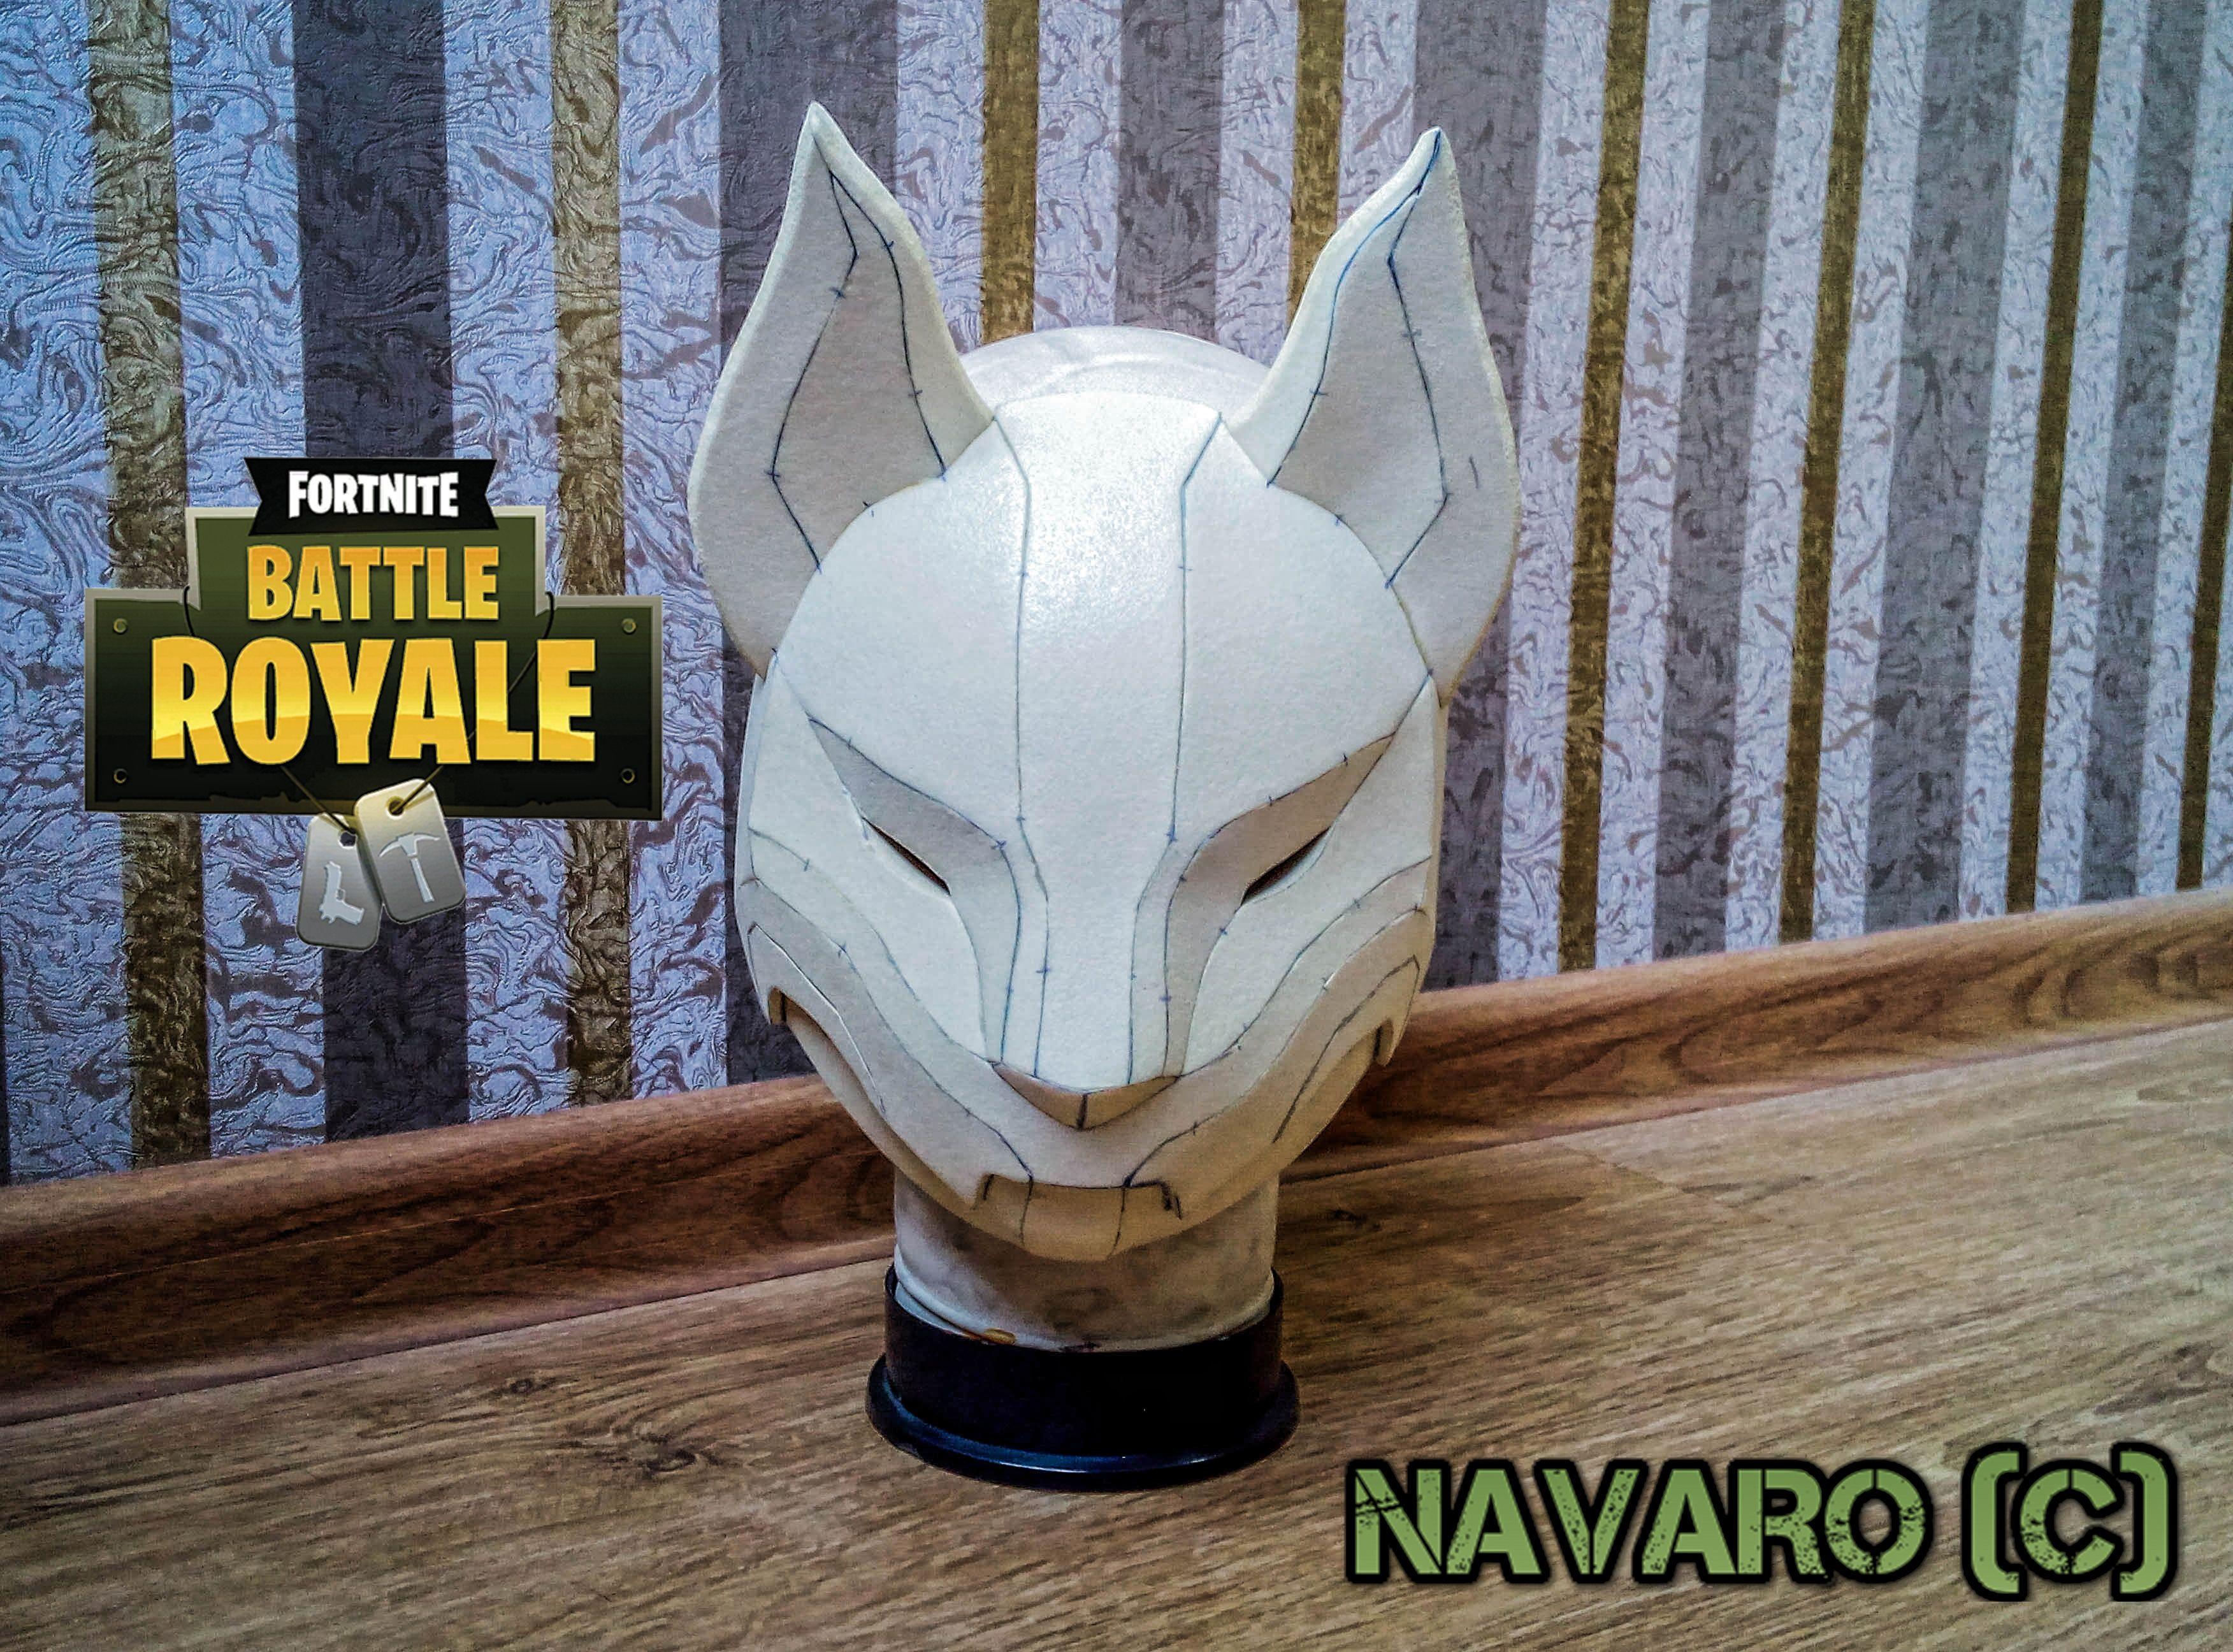 Fortnite Drift Mask Omega Helmet Fortnite T